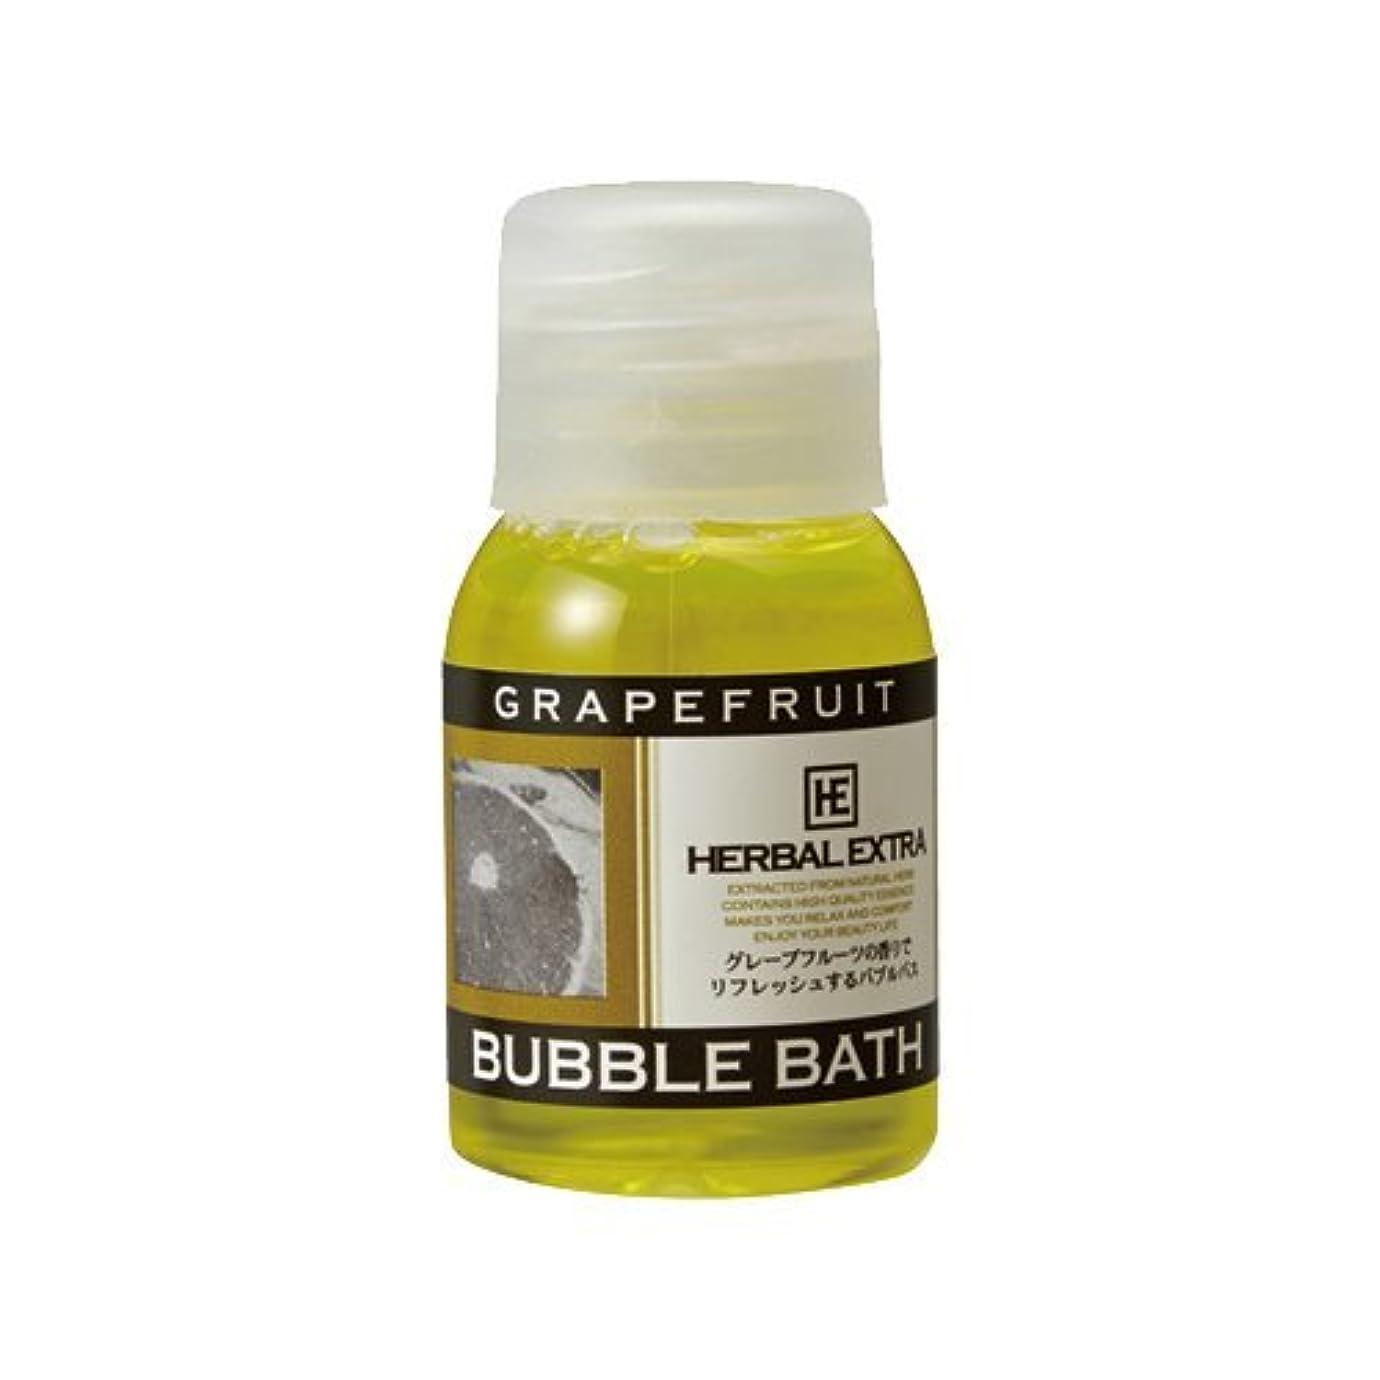 防止こねる誇張するハーバルエクストラ バブルバス ミニボトル グレープフルーツの香り × 5個セット - ホテルアメニティ 業務用 発泡入浴剤 (BUBBLE BATH)